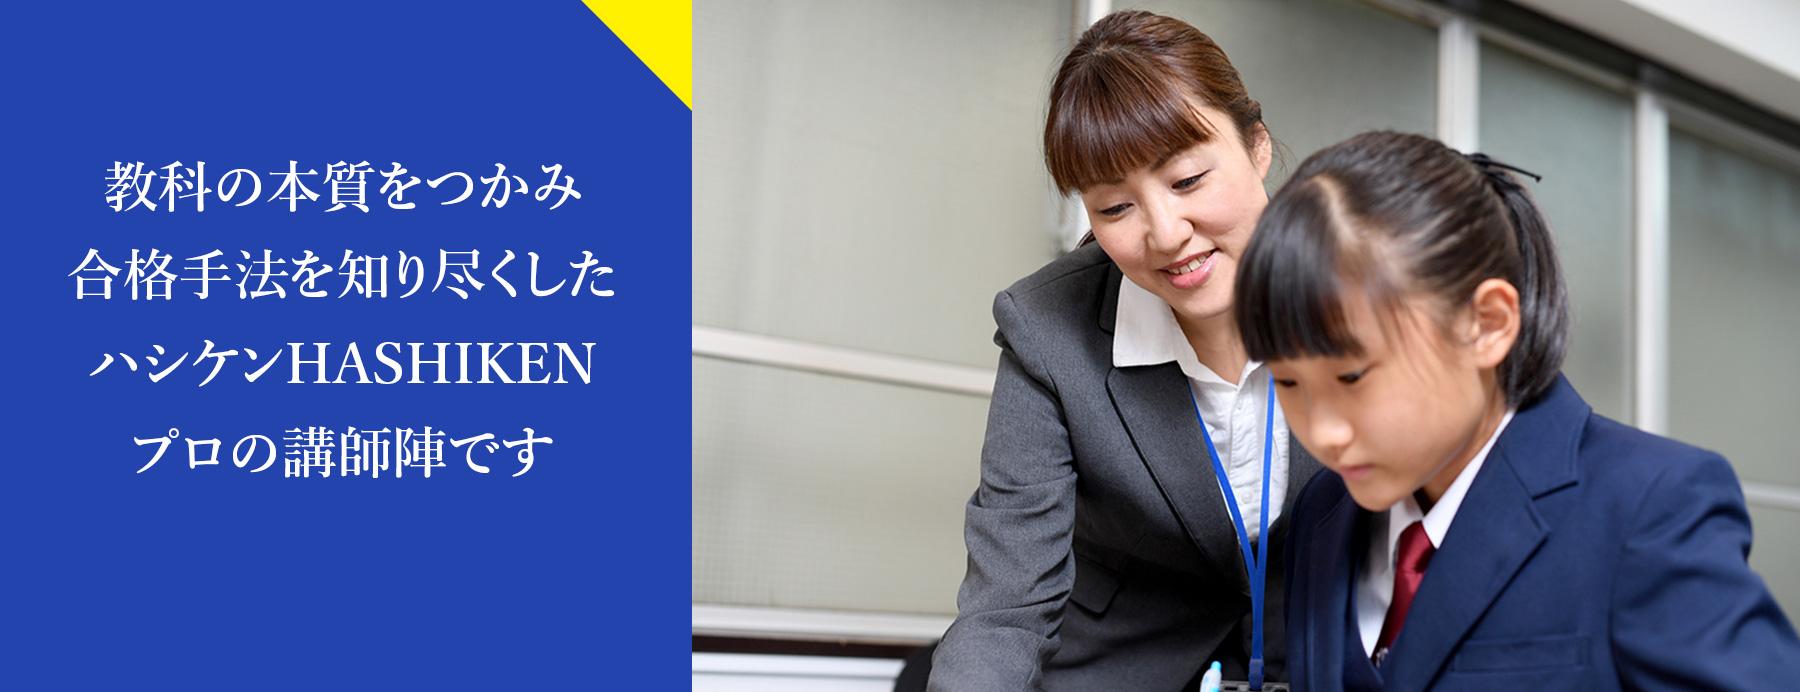 プロの講師陣 東大、早稲田、医学部など難関大合格は橋本の進学塾・予備校ハシケンHASHIKEN